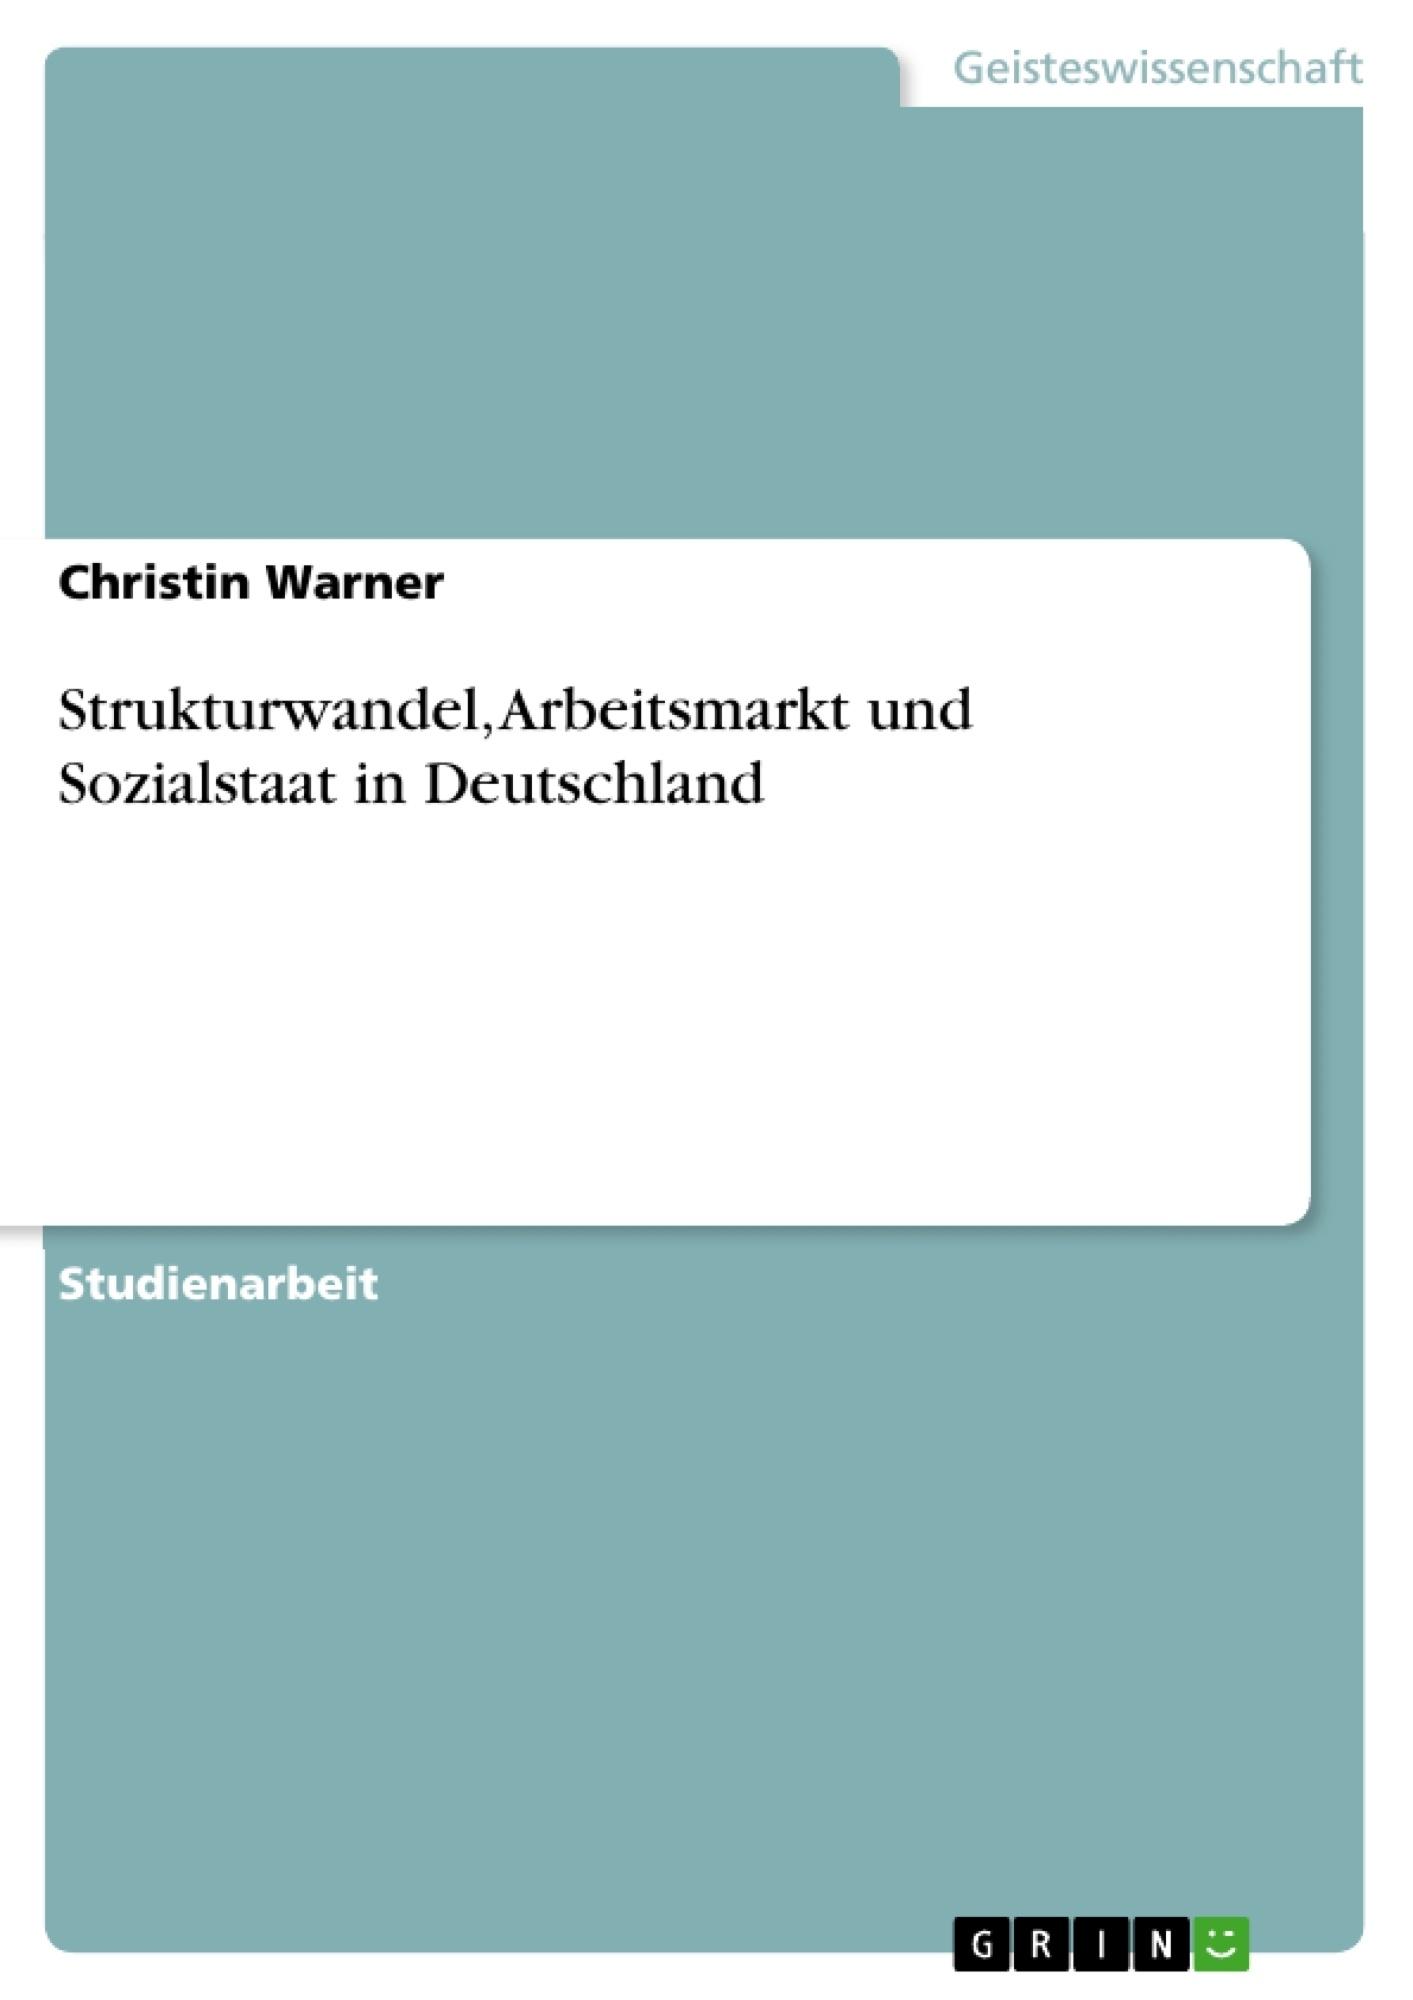 Titel: Strukturwandel, Arbeitsmarkt und Sozialstaat in Deutschland